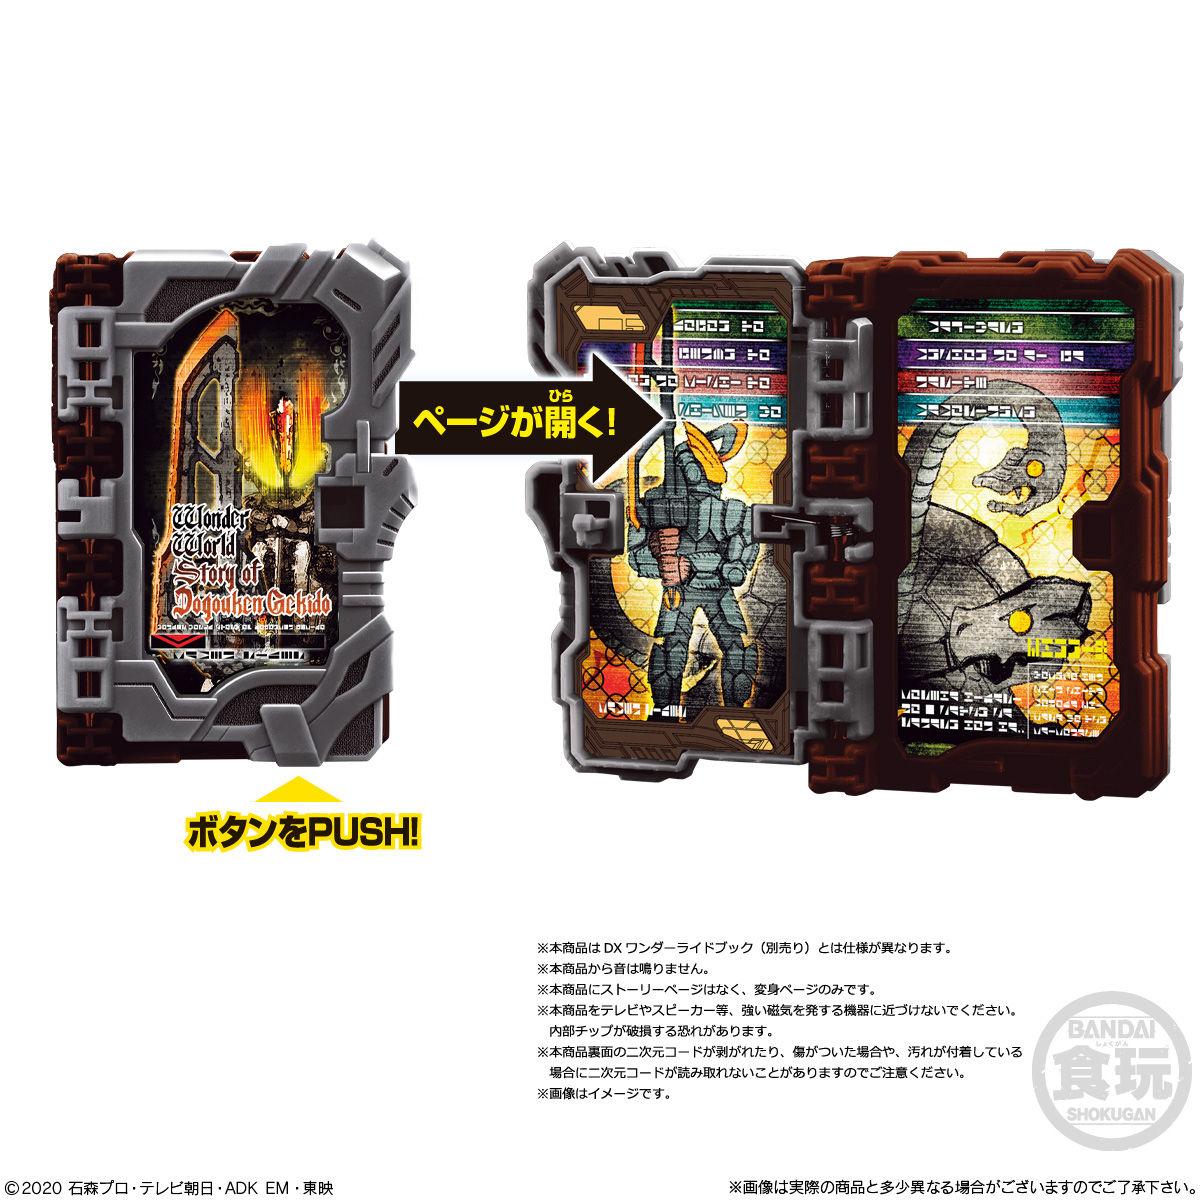 【食玩】仮面ライダーセイバー『コレクタブルワンダーライドブック SG07』8個入りBOX-008